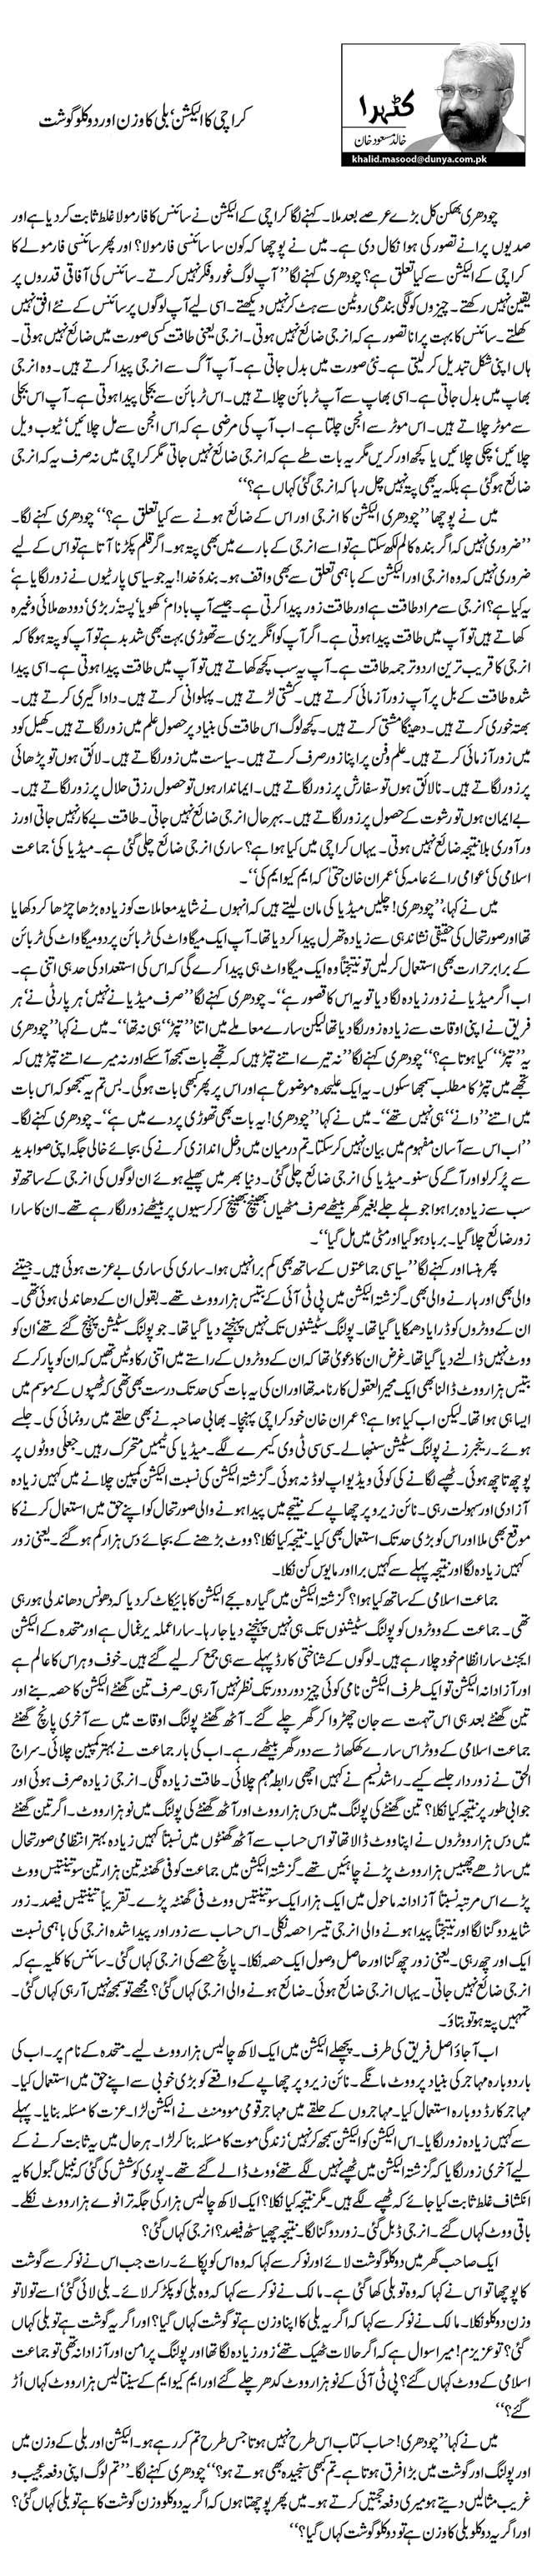 کراچی کا الیکشن' بلی کا وزن اور دو کلو گوشت